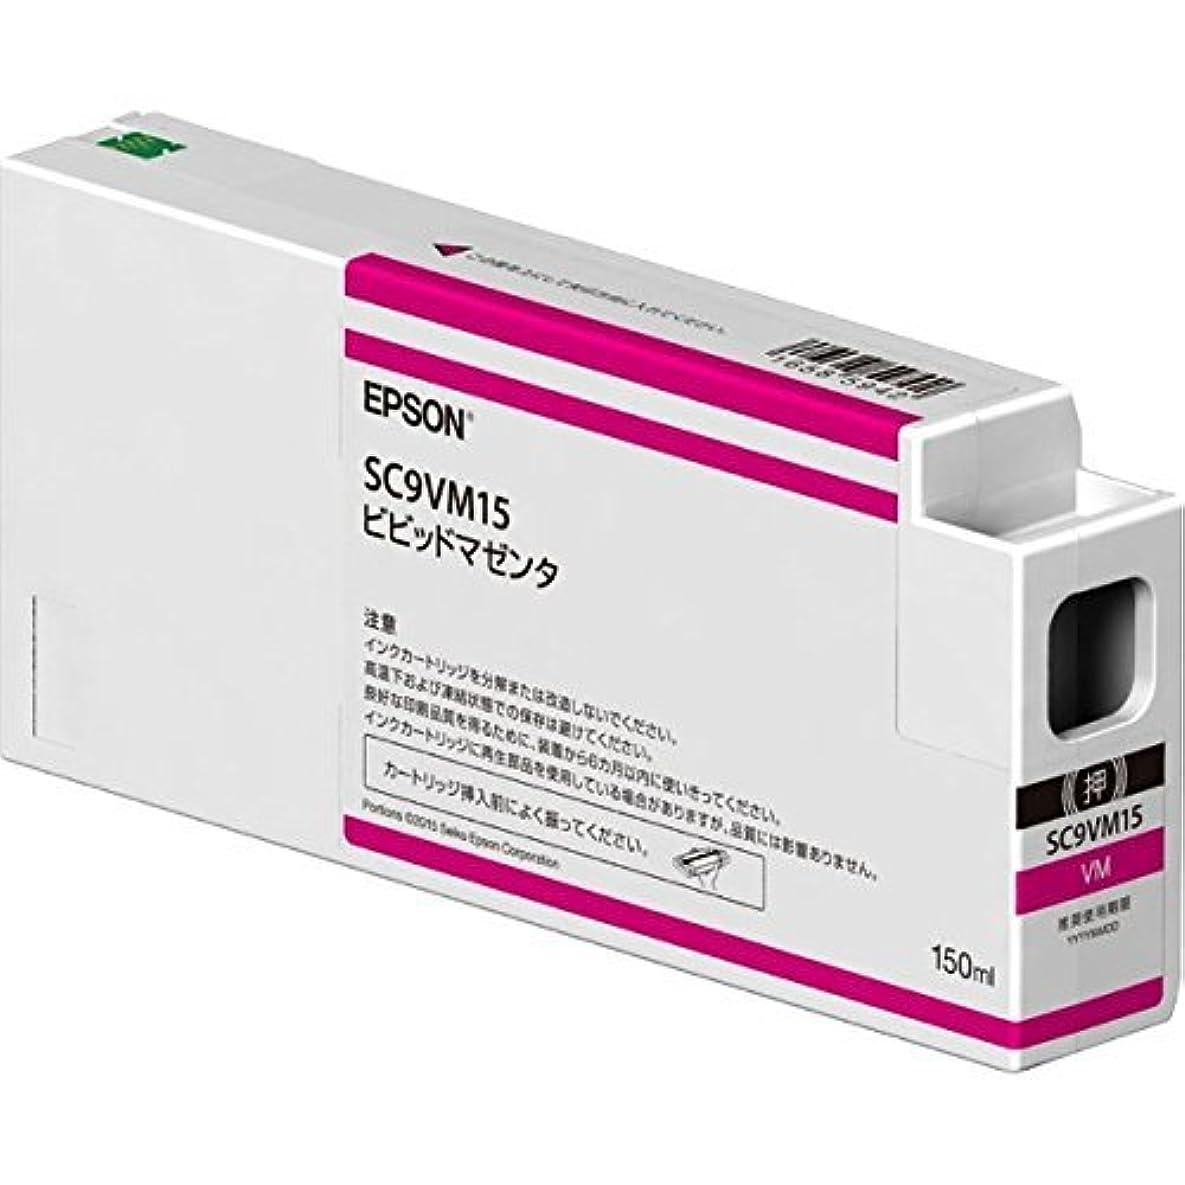 組学習寄生虫EPSON 純正インクカートリッジ SC9VM15 ビビッドマゼンタ/150ml